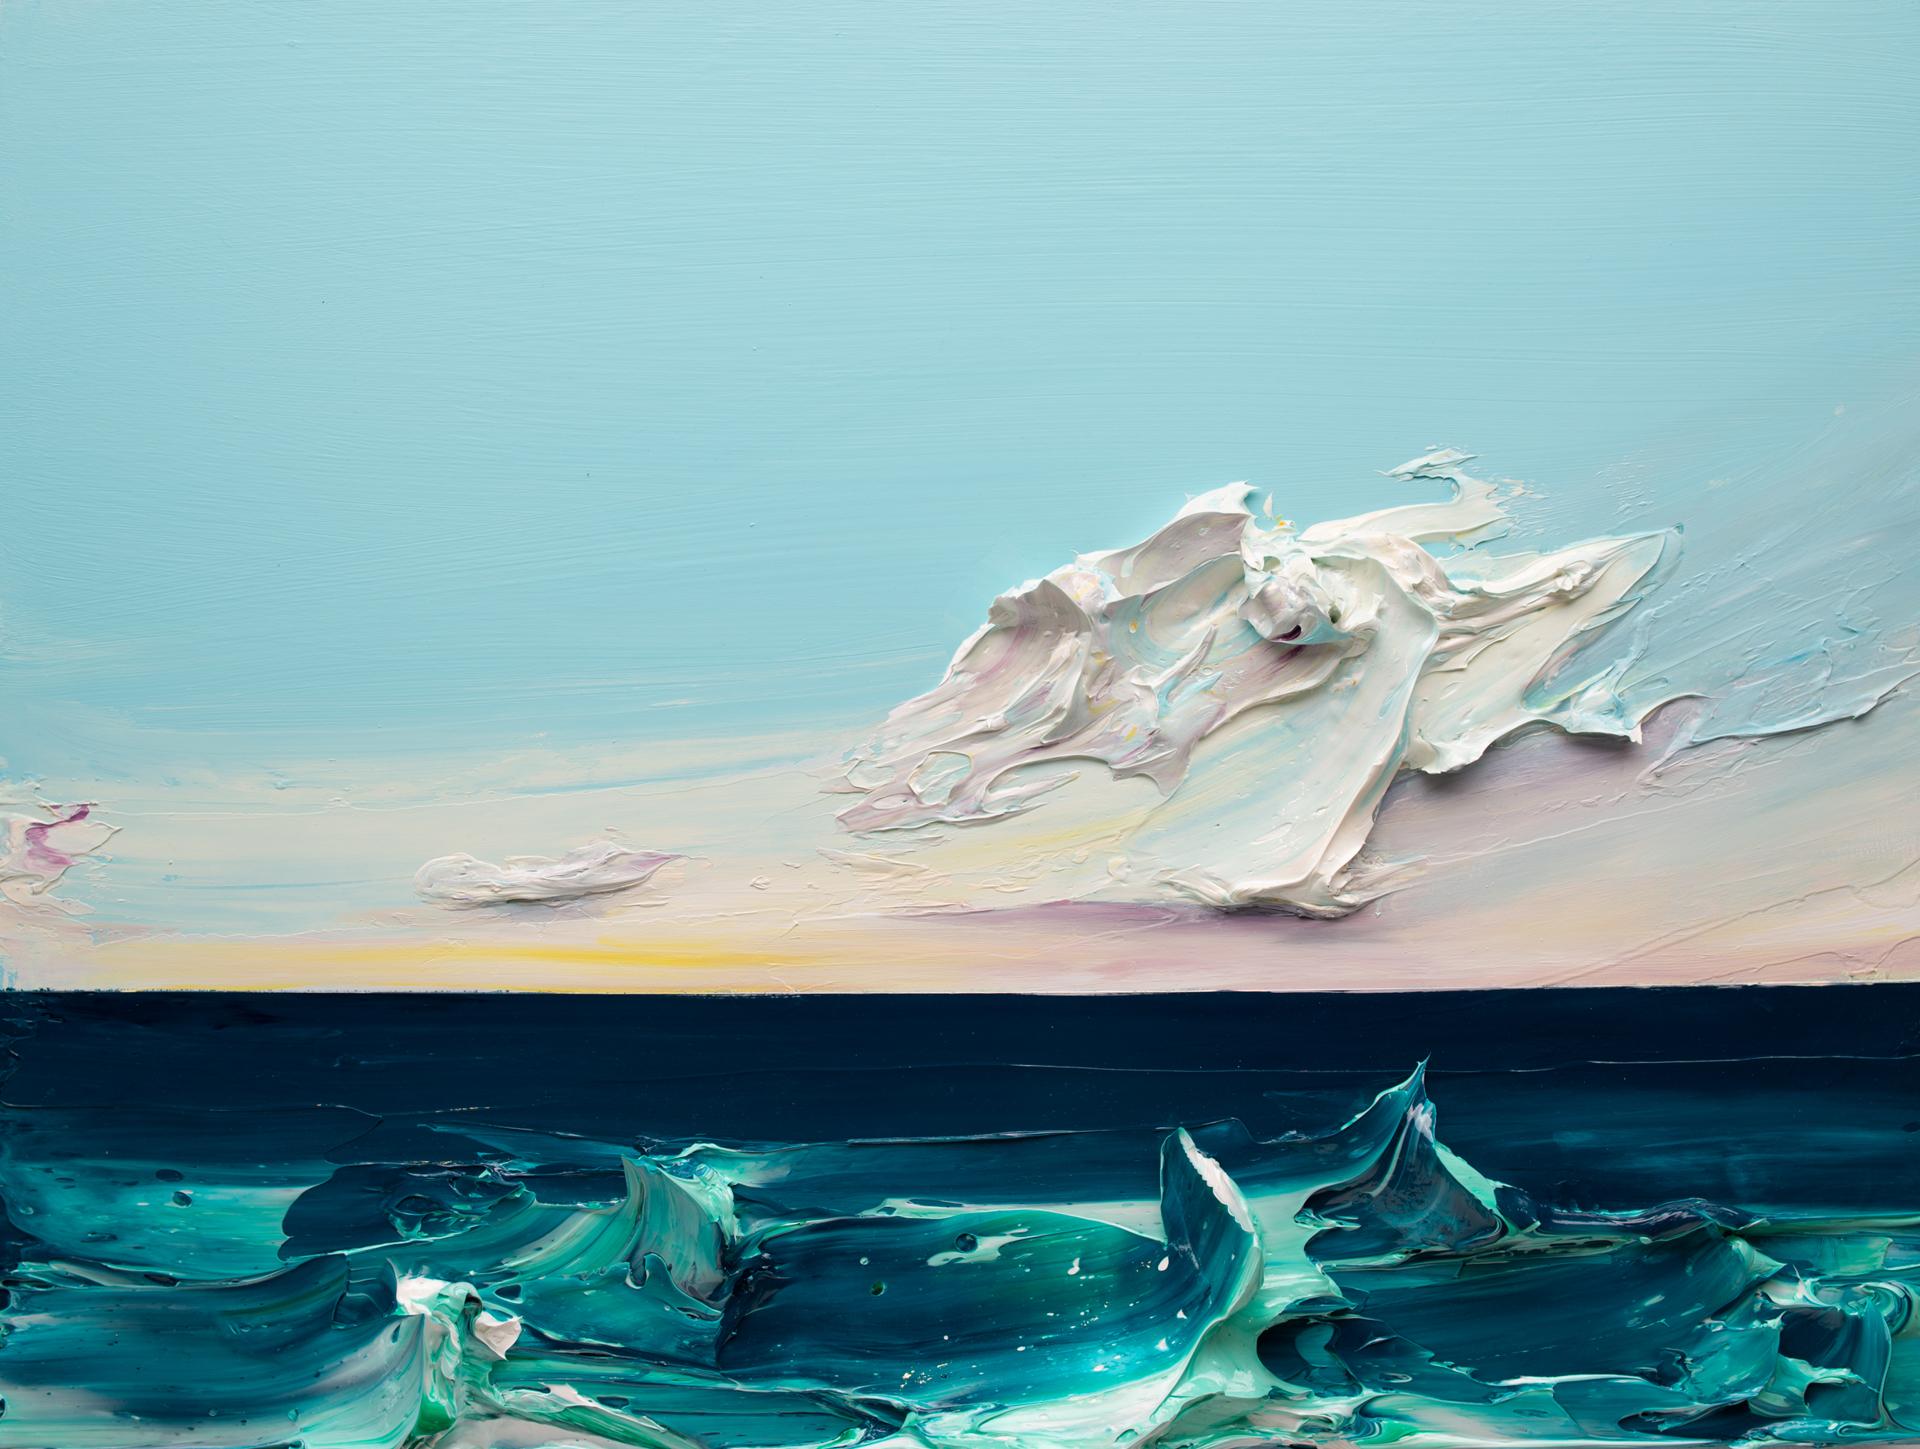 SEASCAPE SS-32x24-2020-032 by JUSTIN GAFFREY